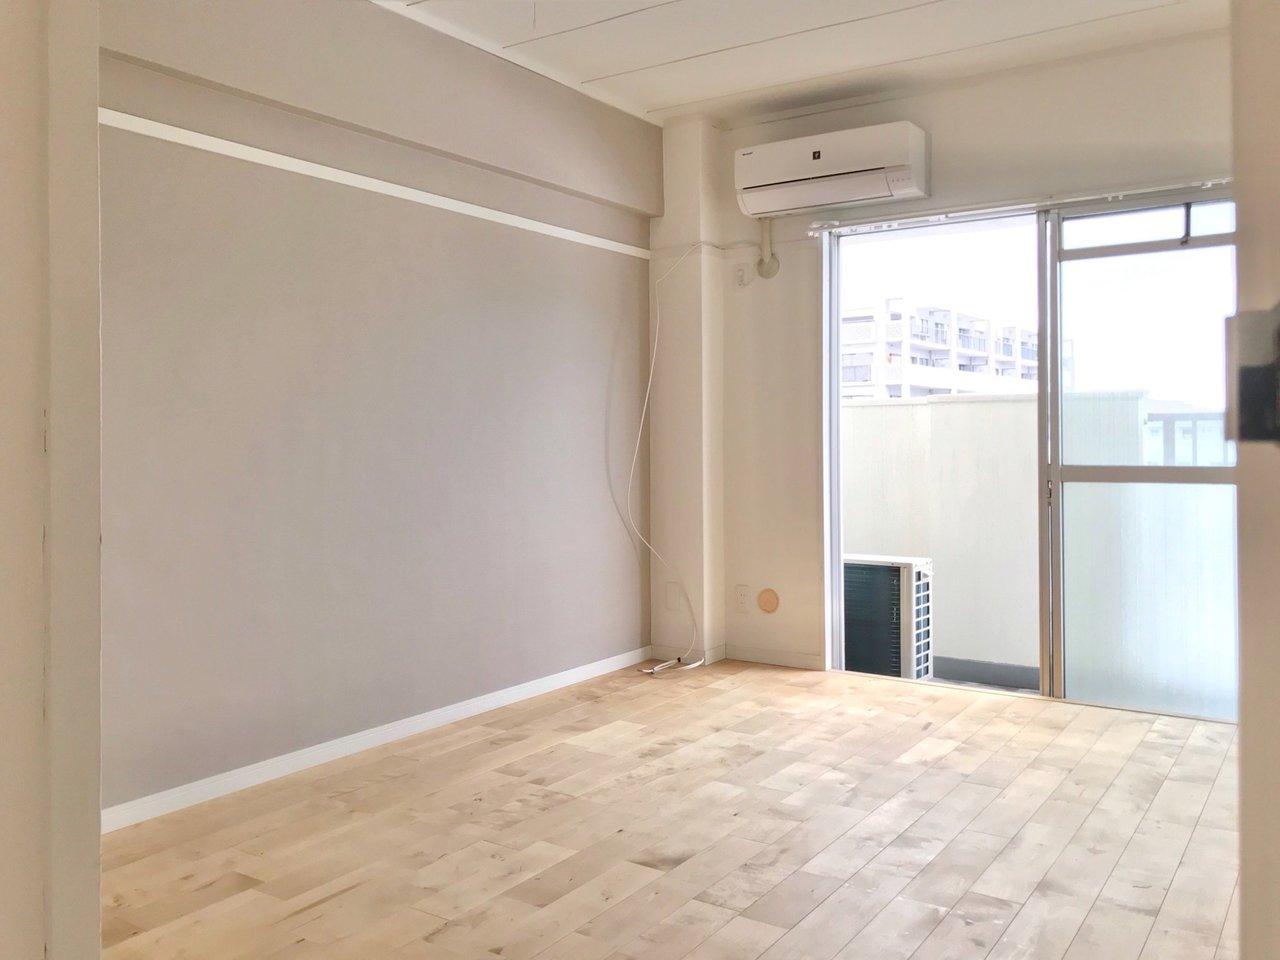 寝室は6畳。こちらもしっかり無垢床。寝室の収納とは別に、ウォークインクローゼットも備えるので、ゆとりがありますよ。